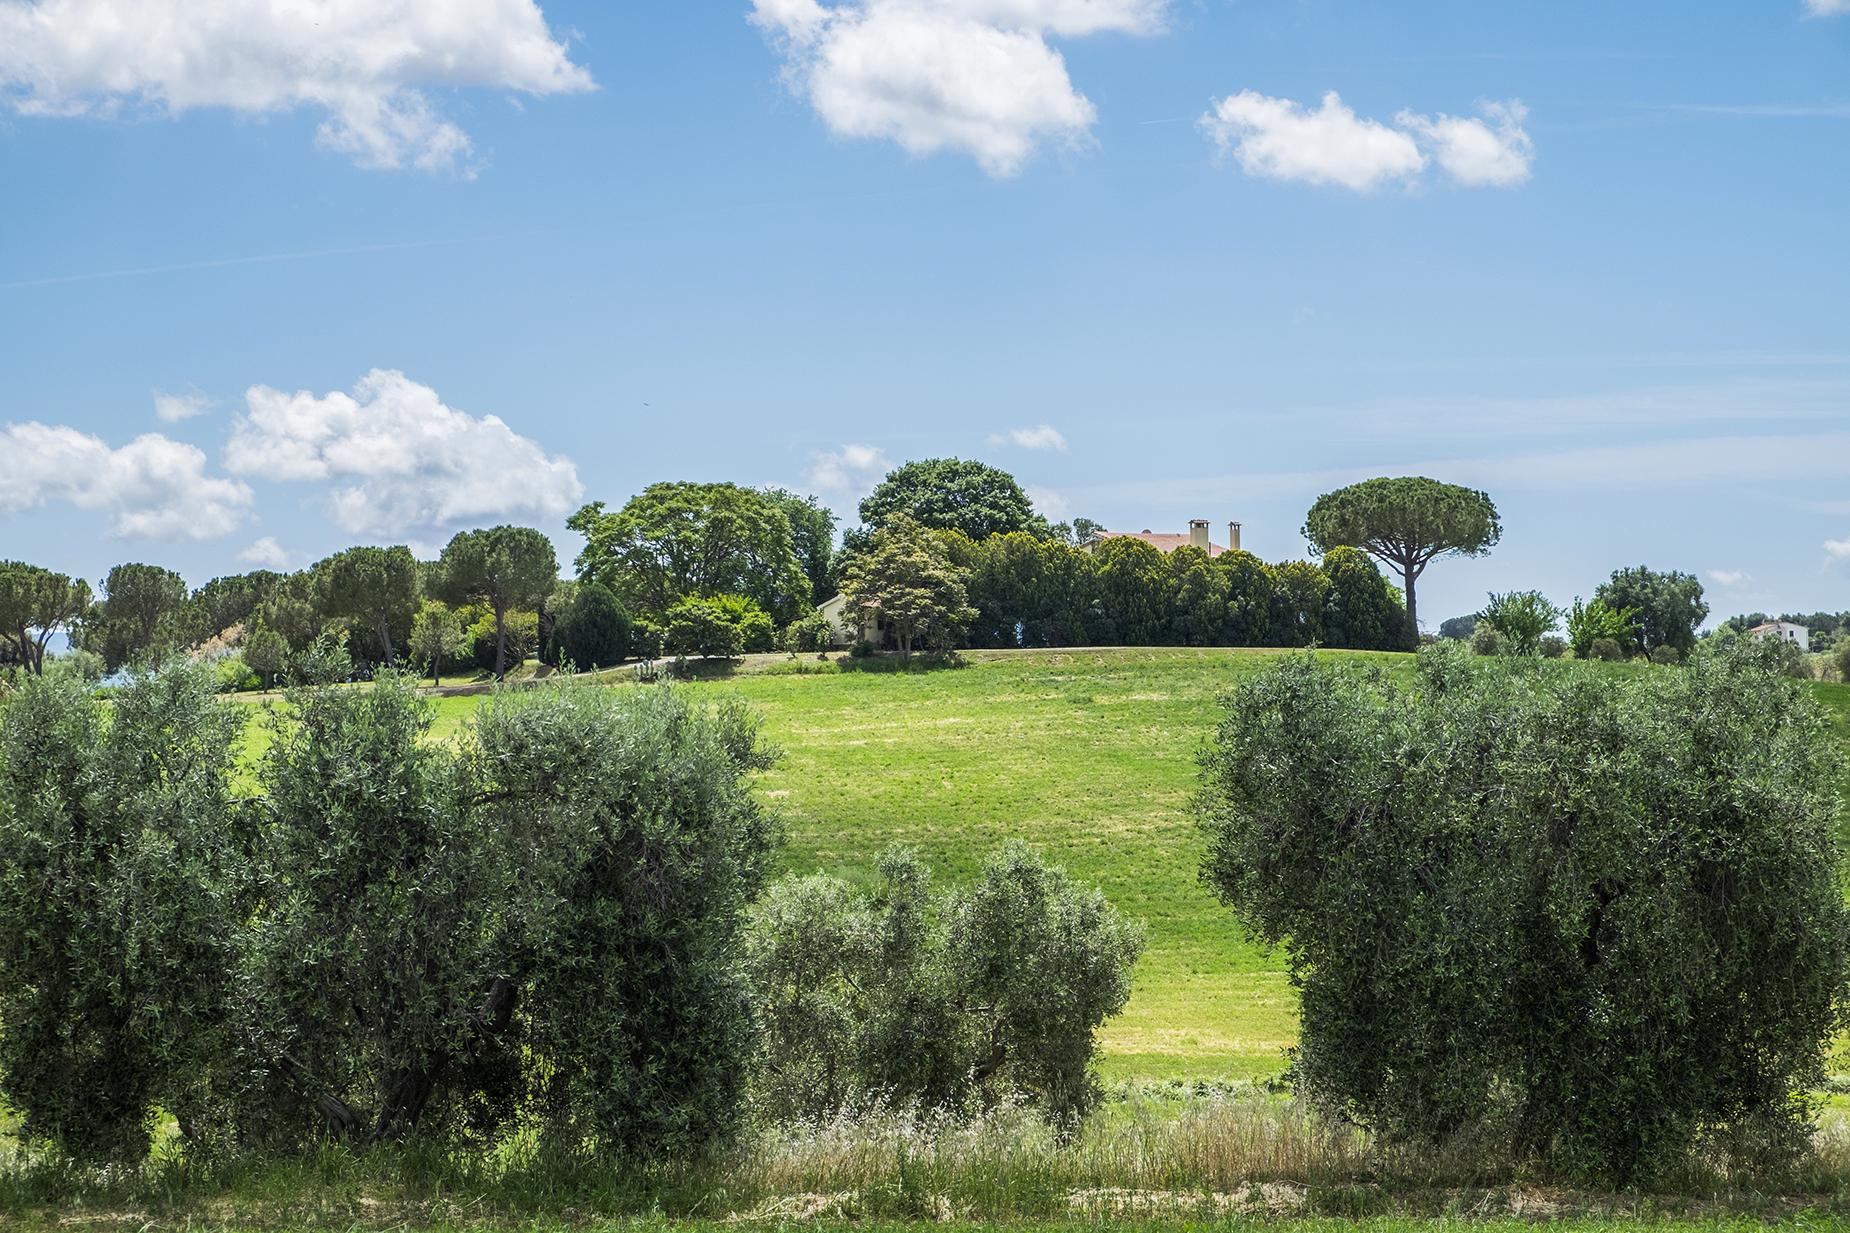 Rustico in Vendita a Magliano In Toscana: 5 locali, 320 mq - Foto 20